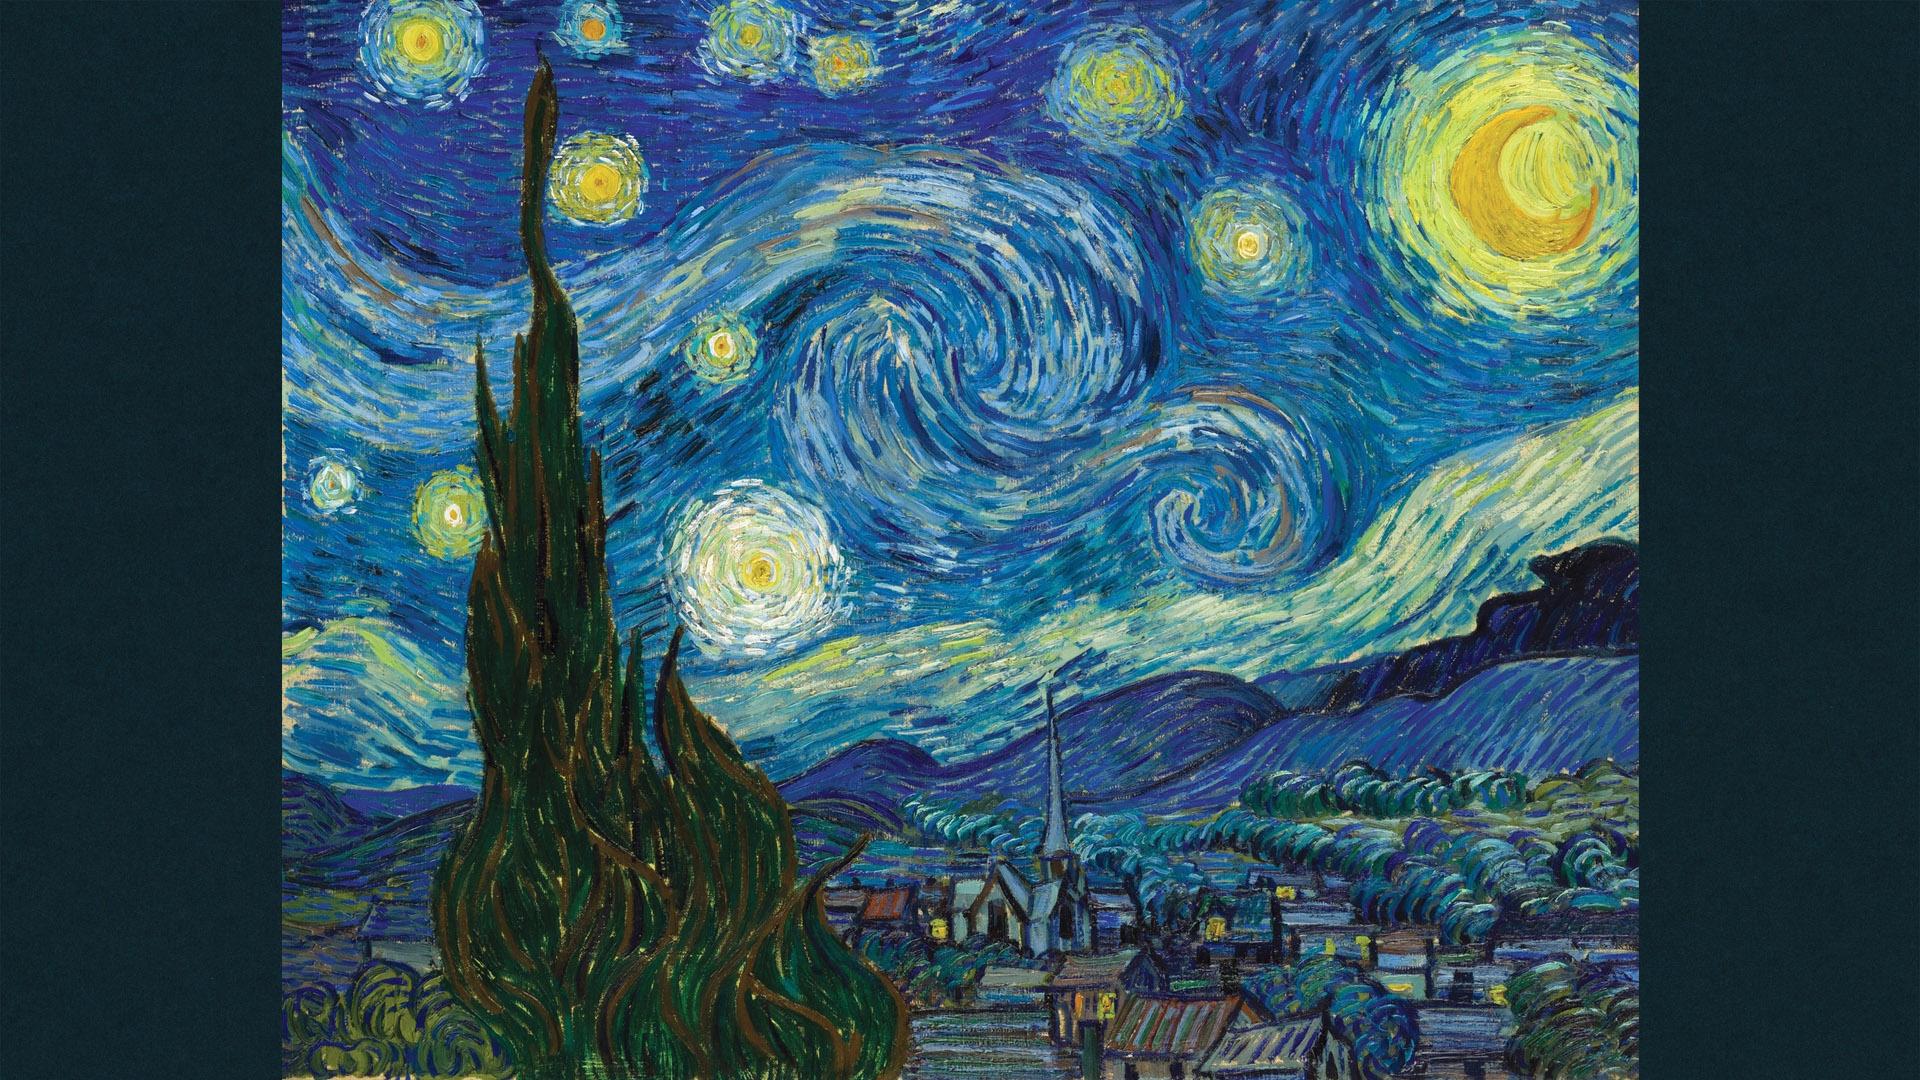 ゴッホ Vincent van Gogh - The Starry Night 1920x1080